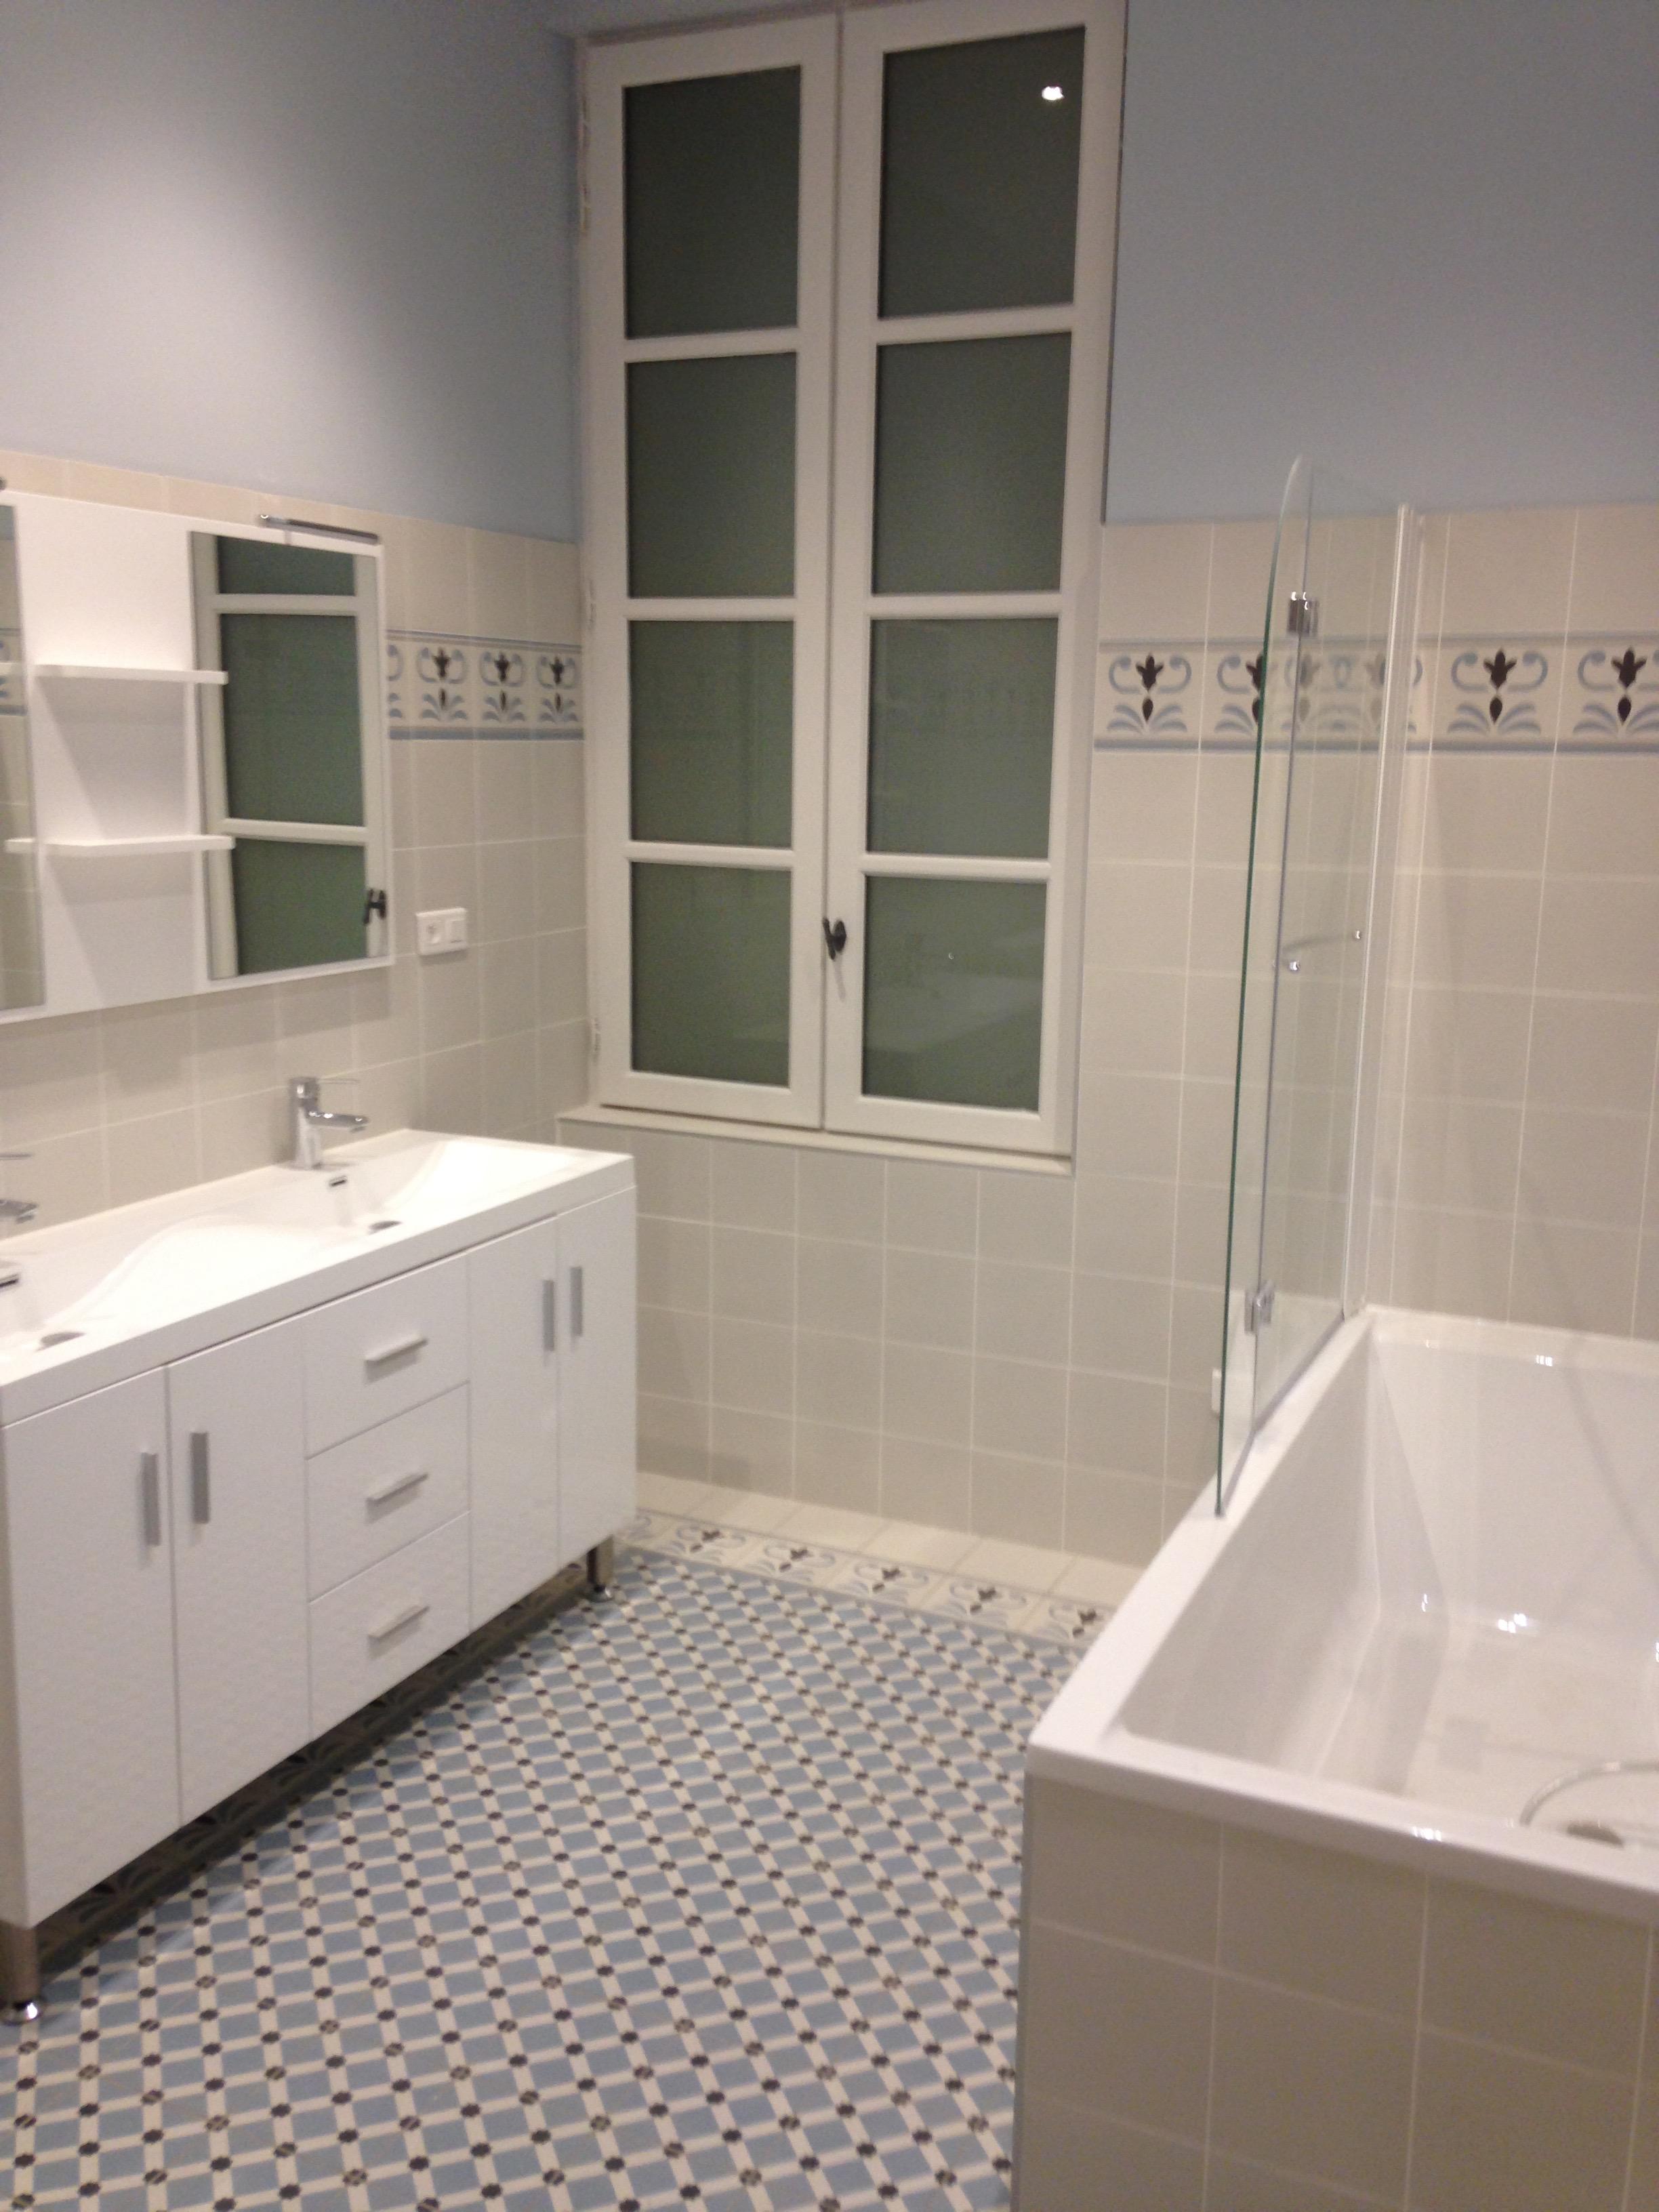 salle de bain type carreaux de ciment entreprise salle. Black Bedroom Furniture Sets. Home Design Ideas